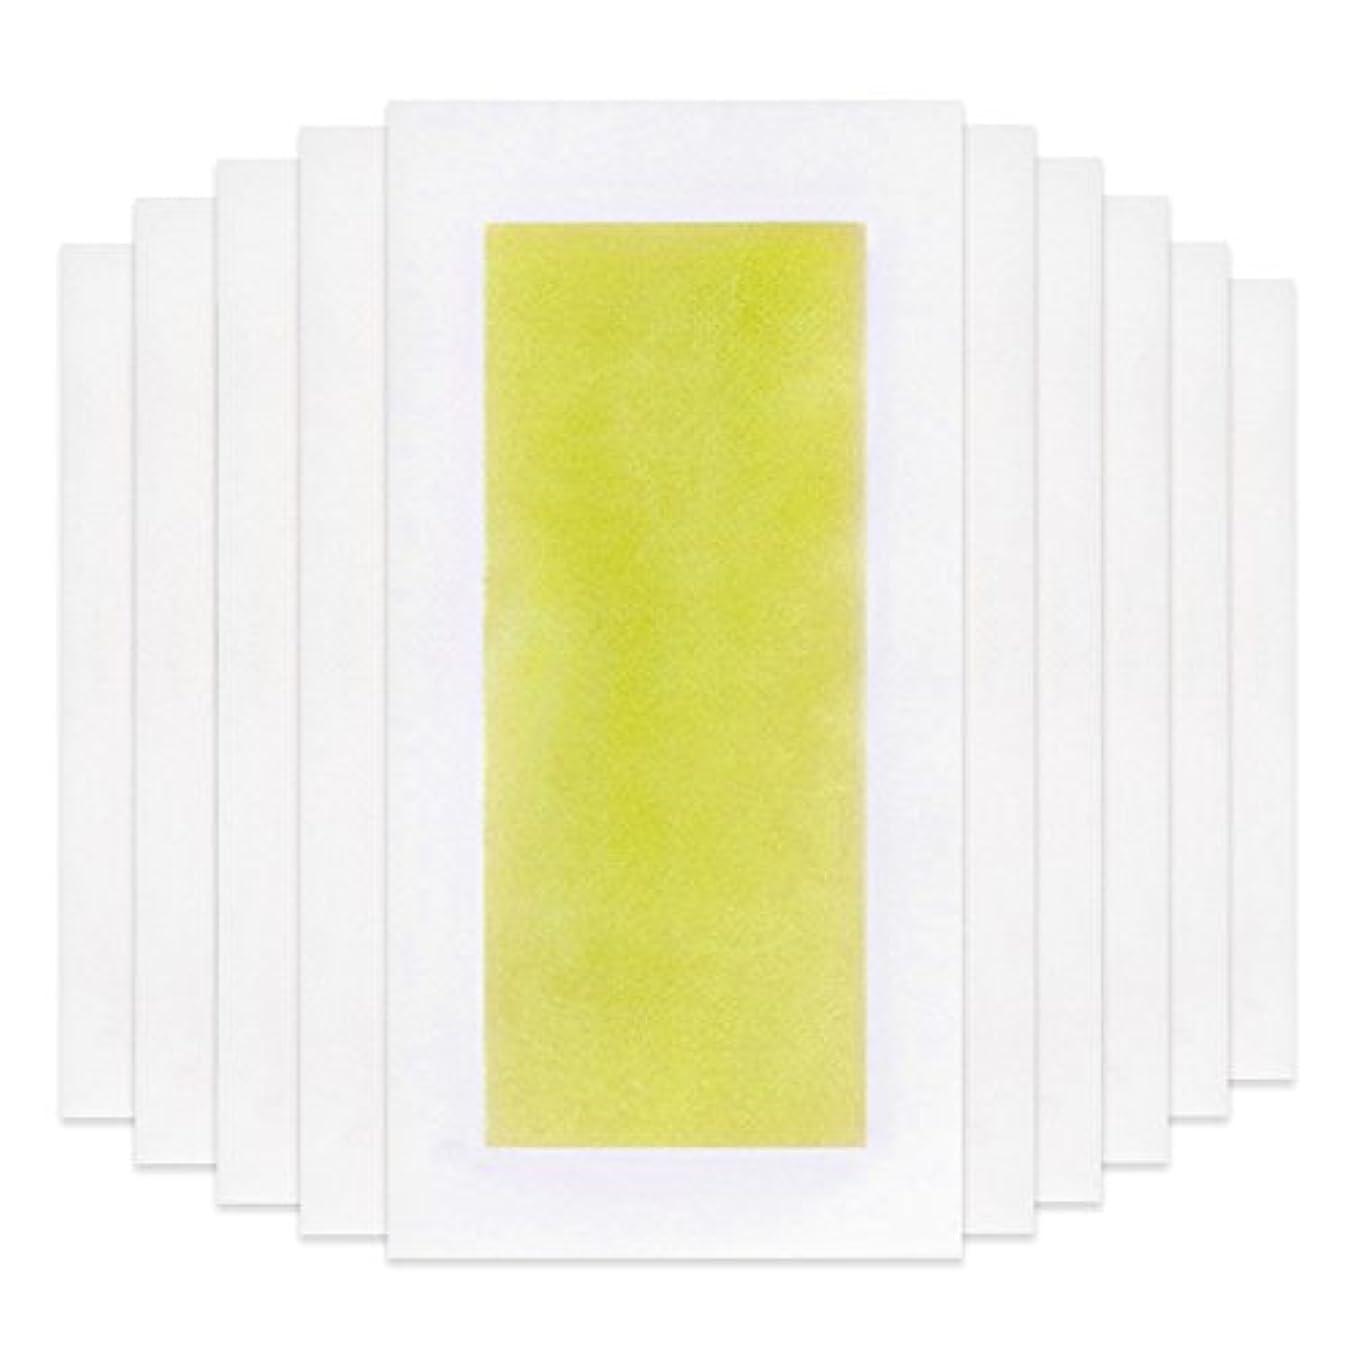 連邦視聴者有効なRabugoo 脚の身体の顔のための10個のプロフェッショナルな夏の脱毛ダブルサイドコールドワックスストリップ紙 Yellow